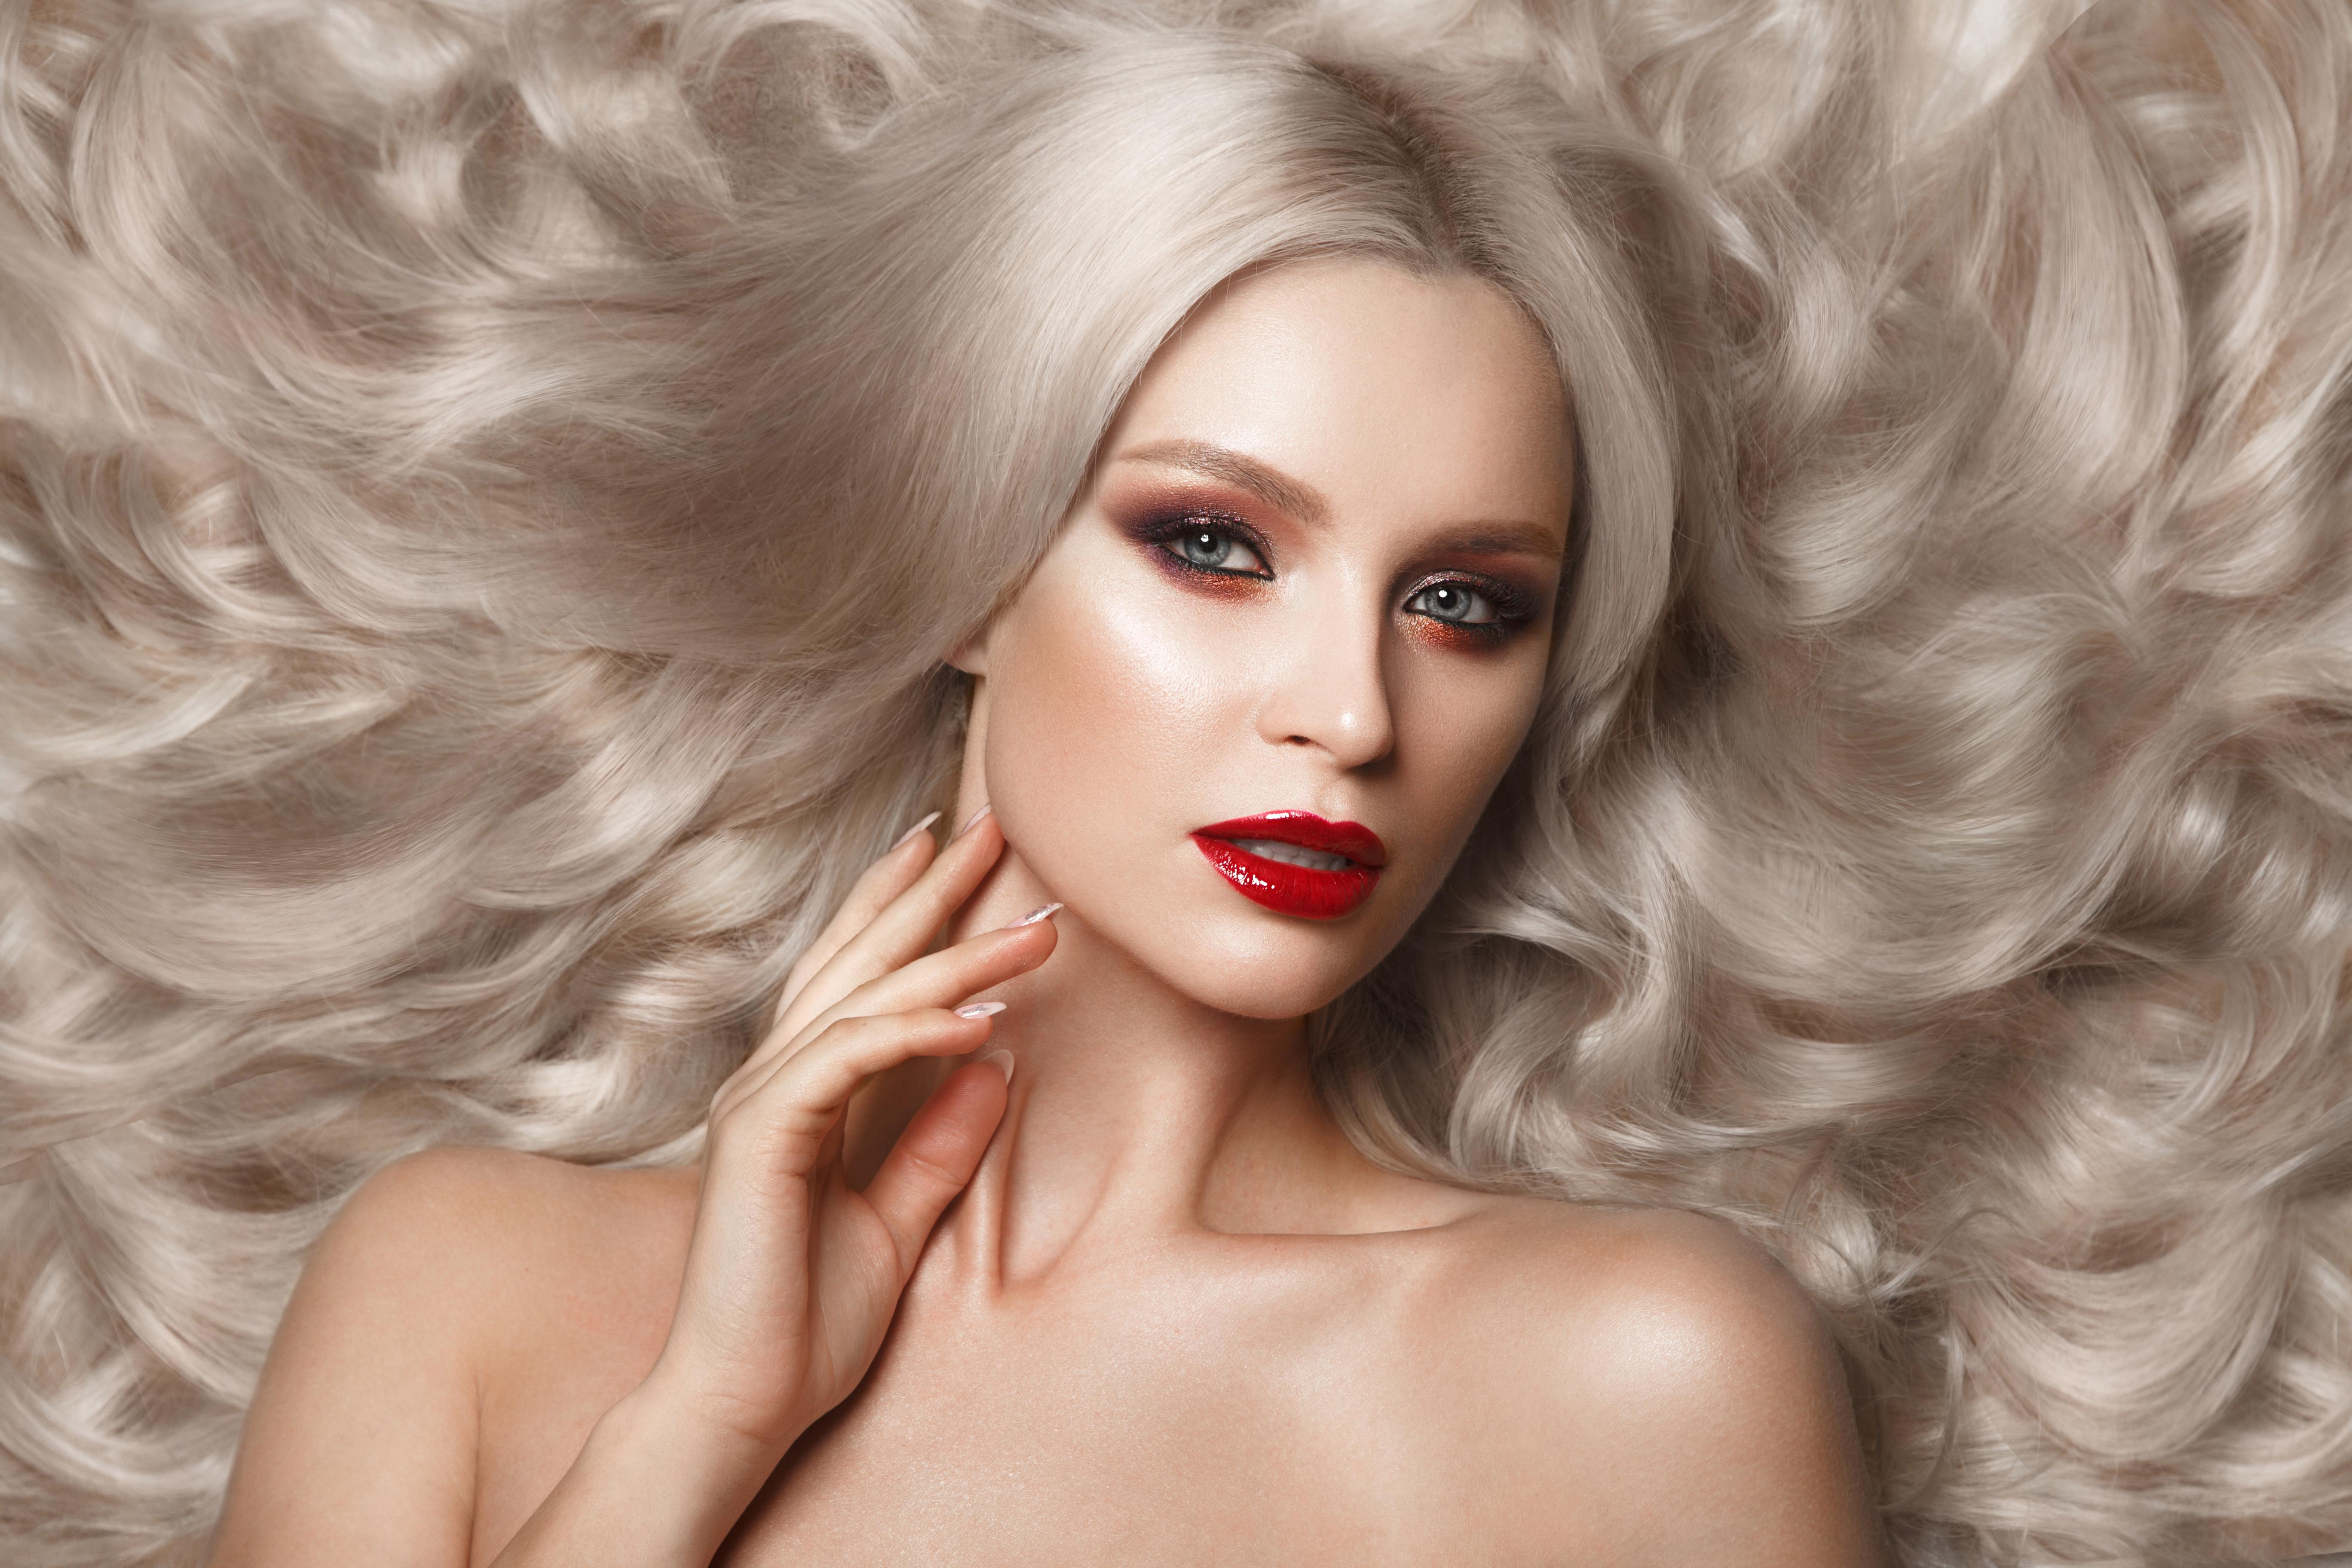 Боядисване с боя на клиента, масажно измиване, подхранваща маска и прическа с маша или кератинова преса в Beauty Studio Magic Razor! - Снимка